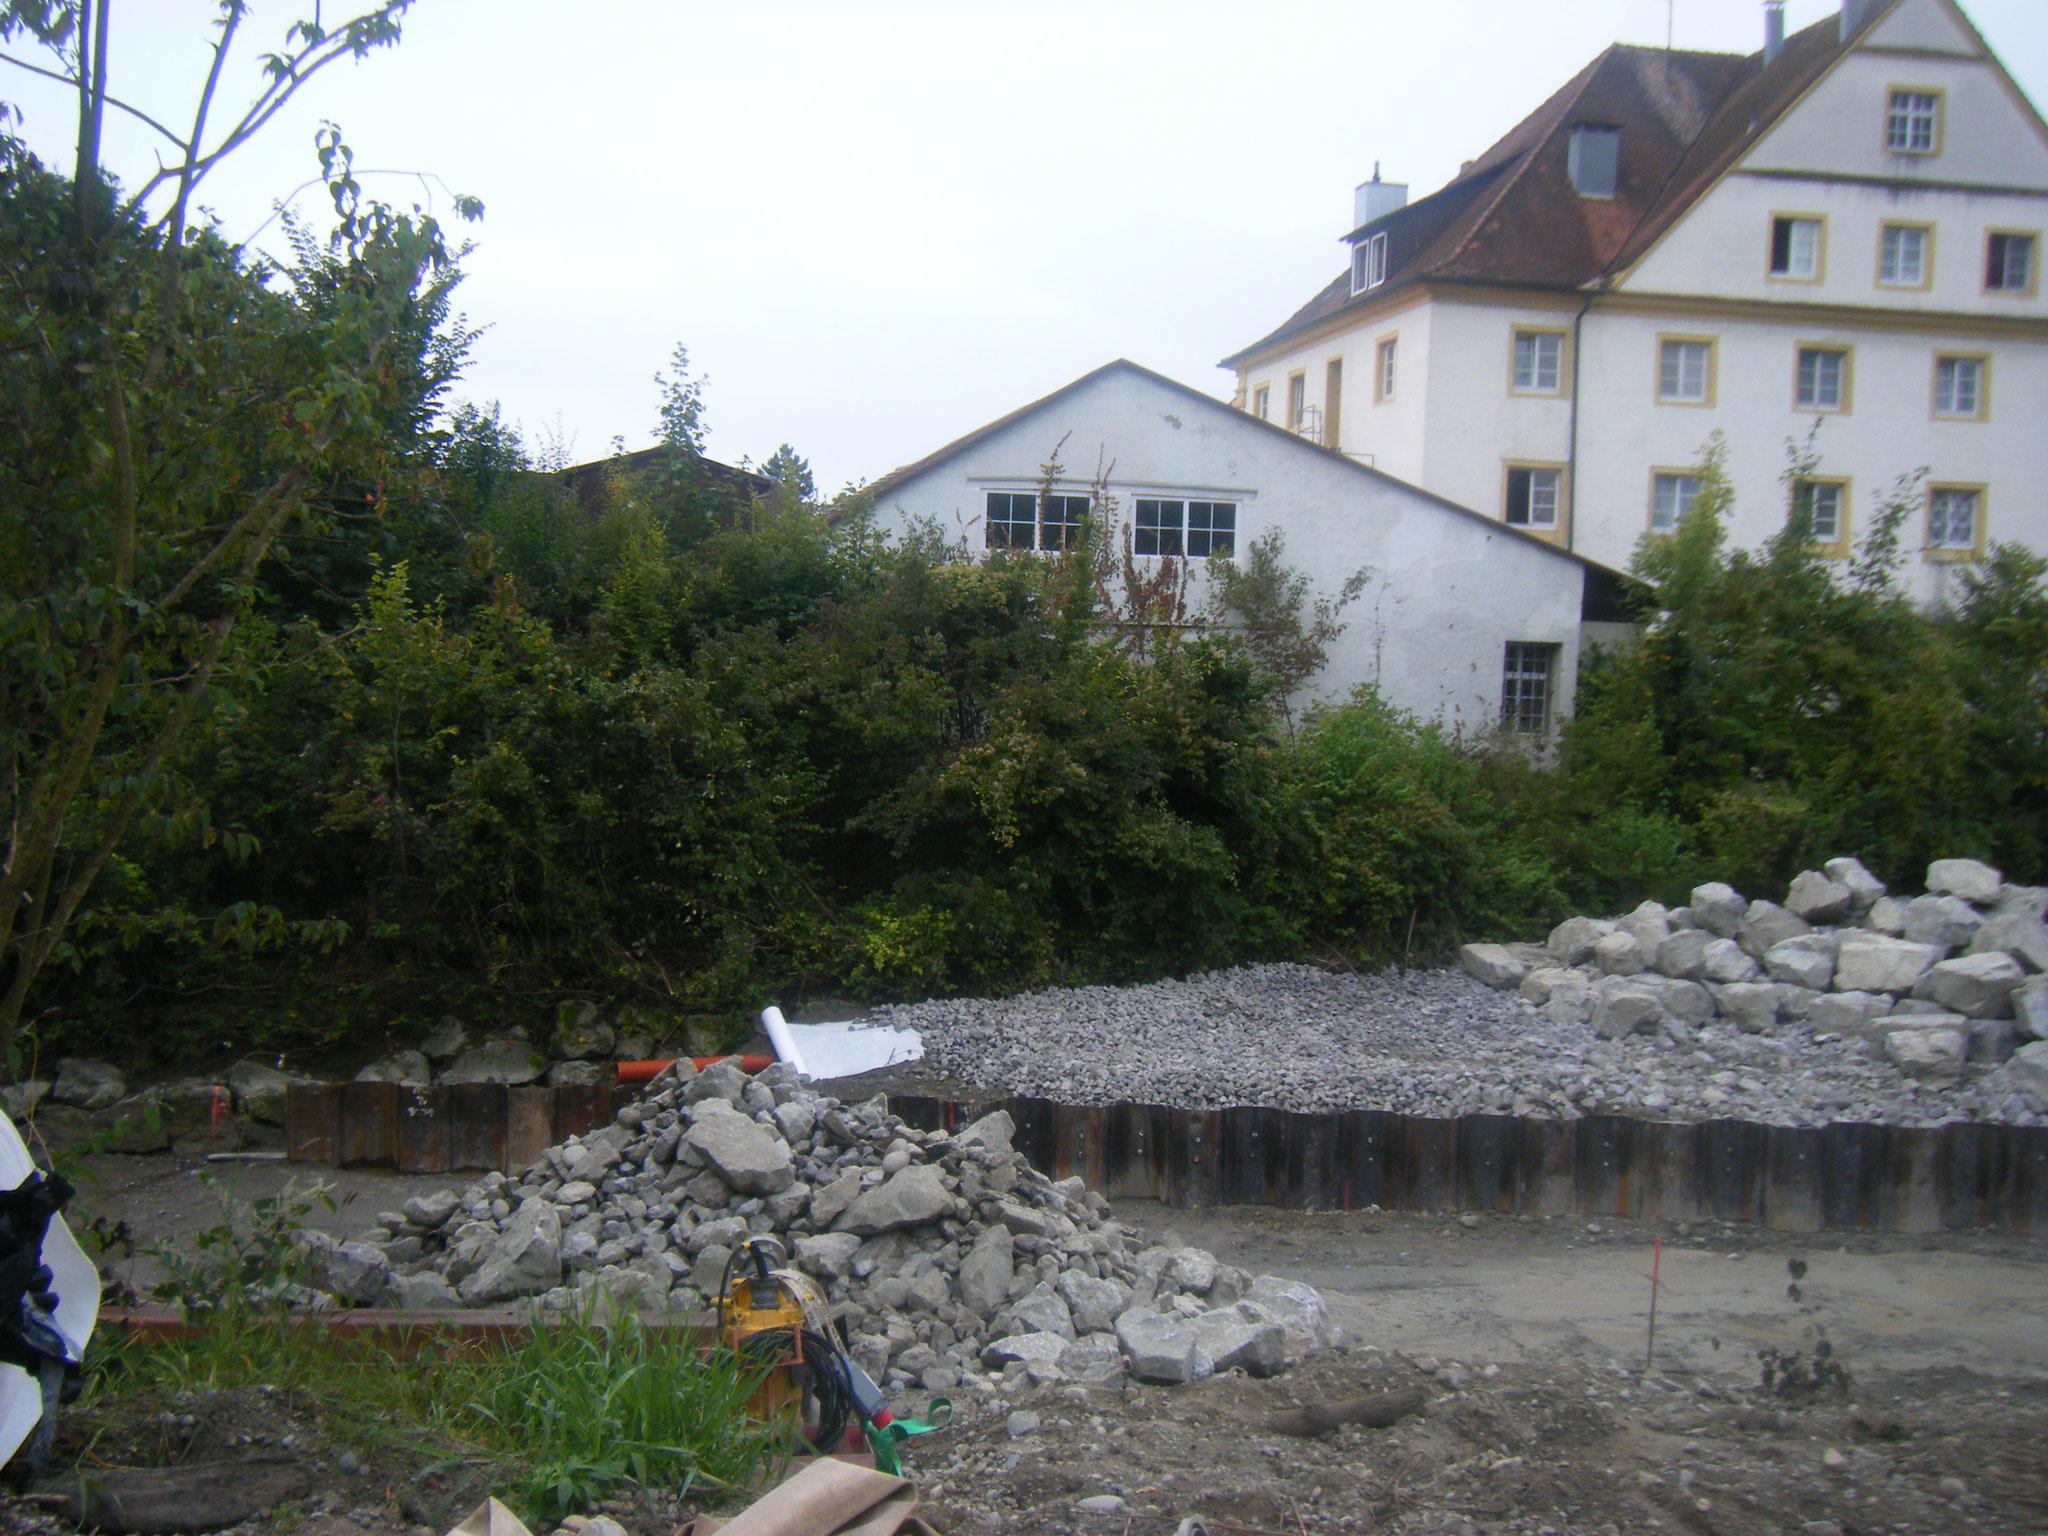 der Bereich zwischen Spundwand und Rundelgelände wird aufgefüllt mit Steinen und wird (ausser bei Hochwasser) begehbar sein